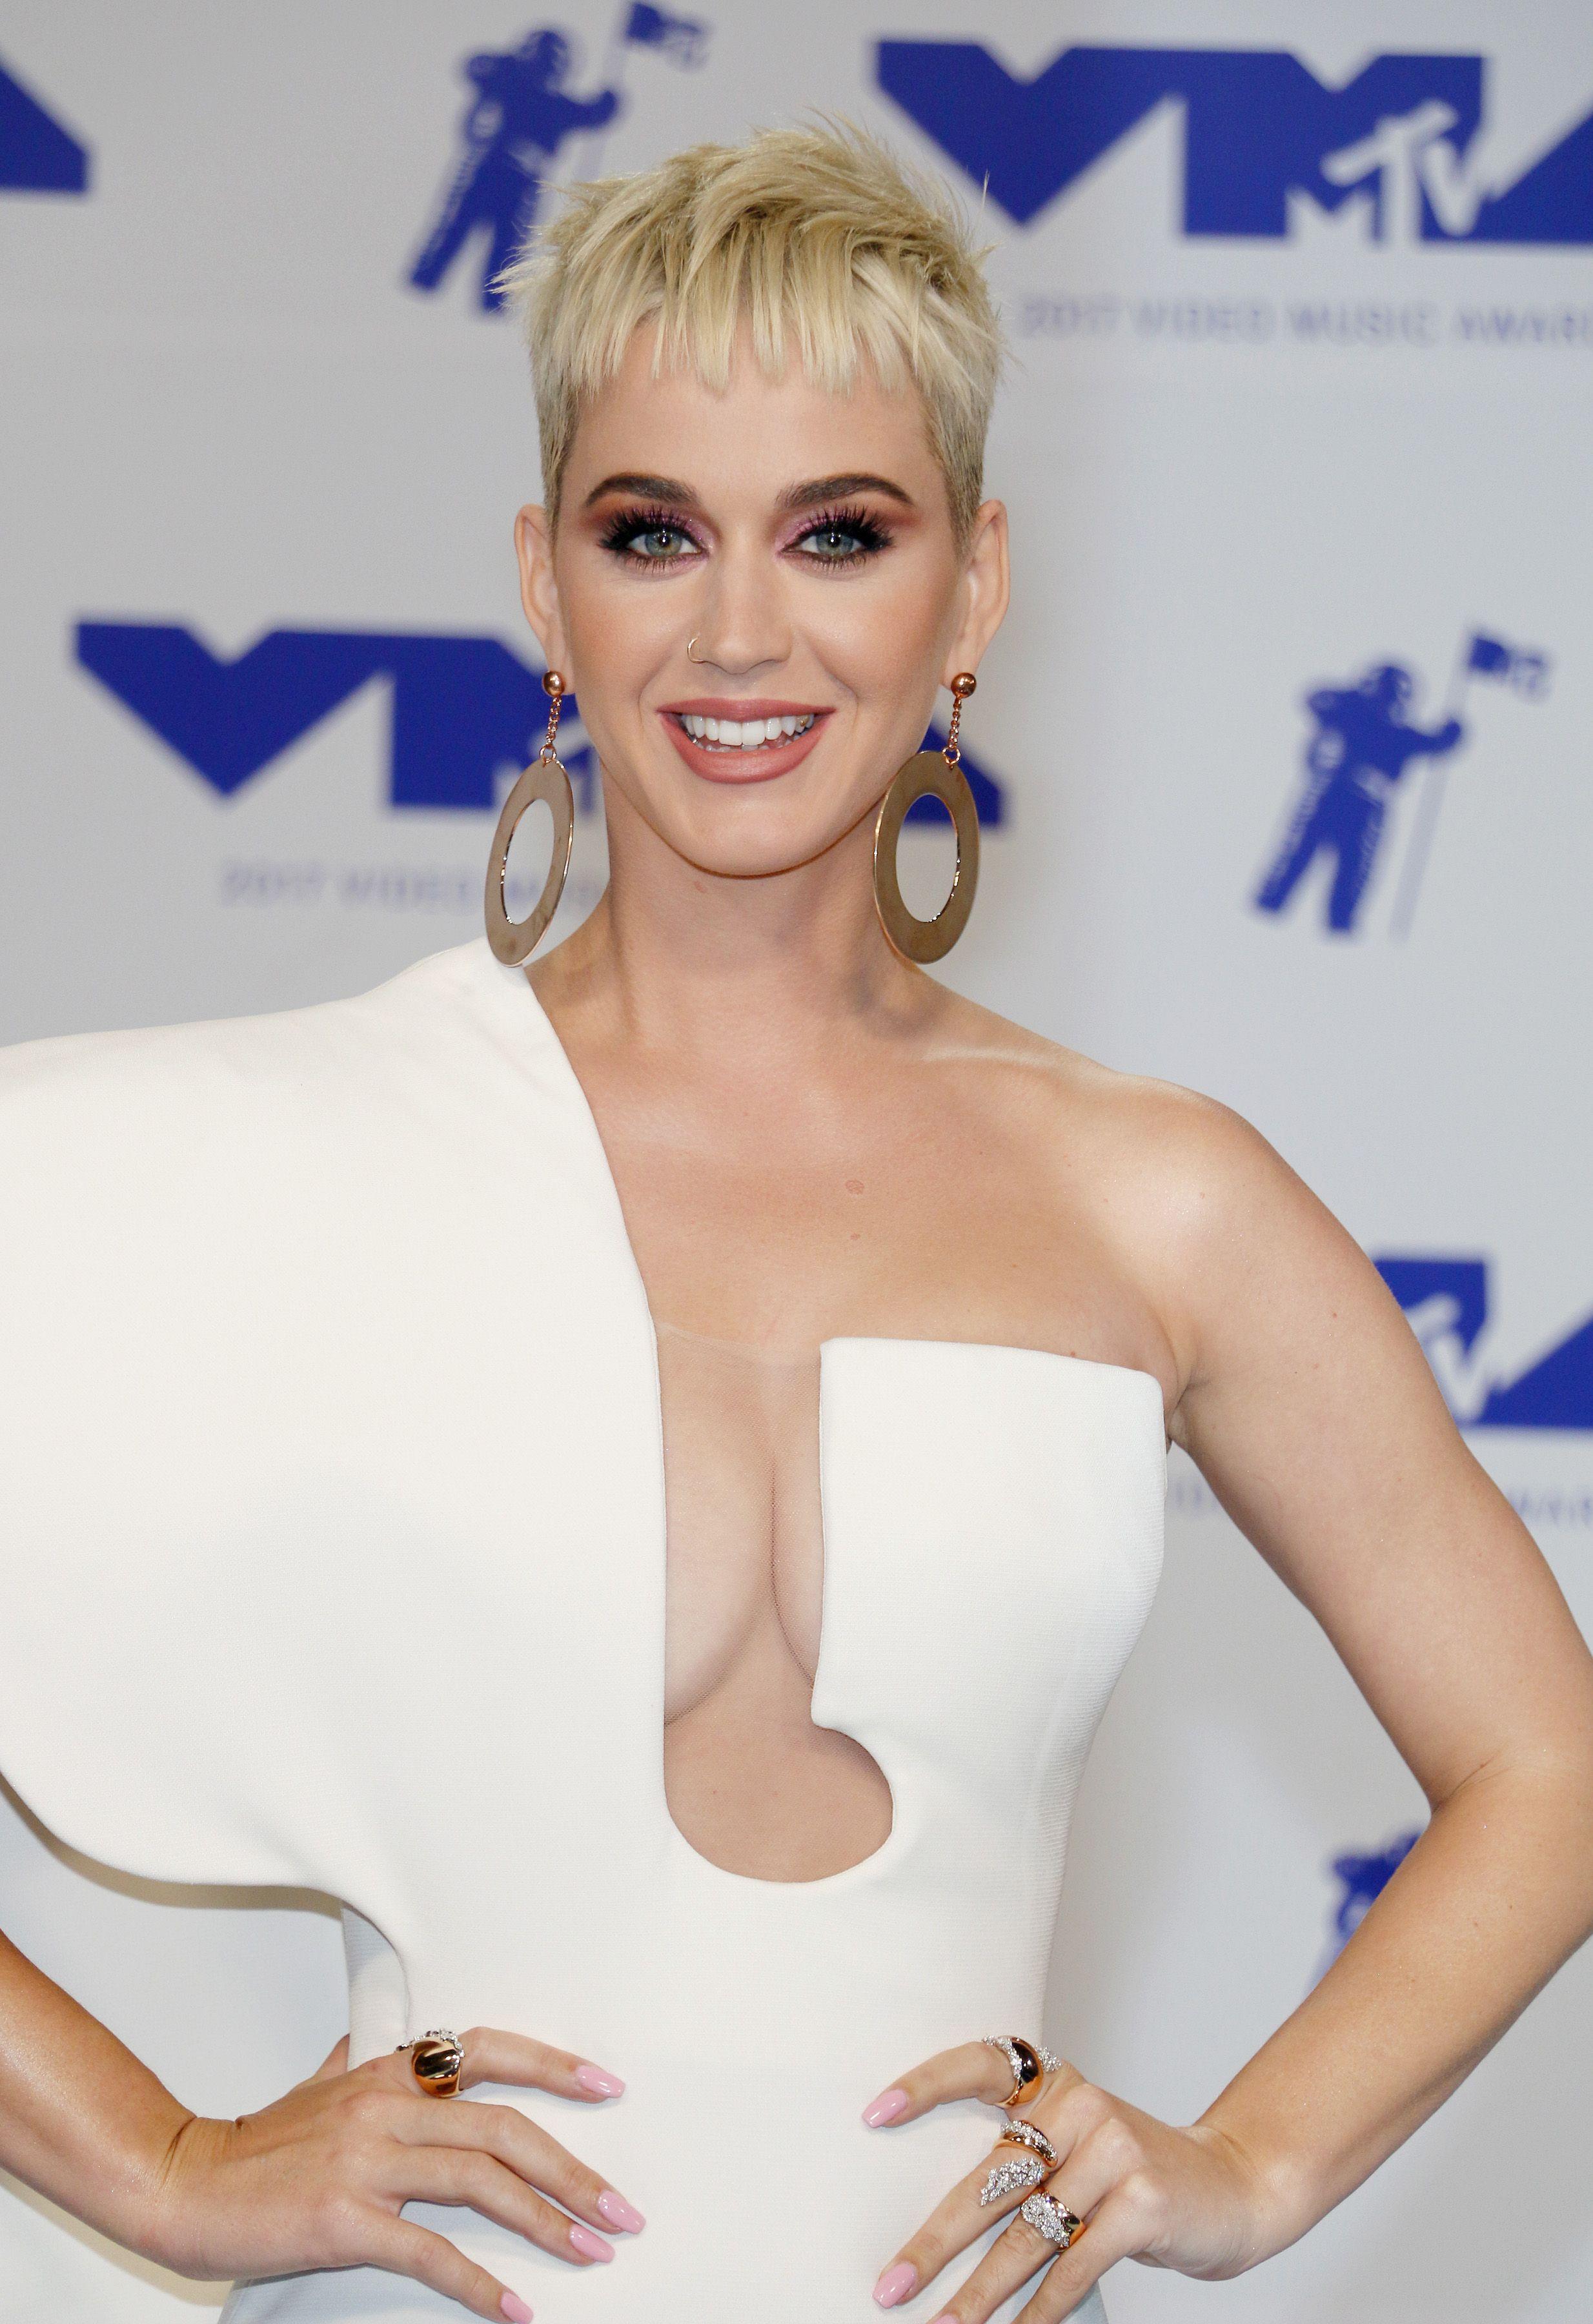 Dünyaca ünlü güzel şarkıcı Katy Perry katıldığı ödül törenine derin göğüs dekolteli seksi beyaz elbisesi ile damga vurdu. En sexy giyinen yabancı ünlü kadınların resimleri